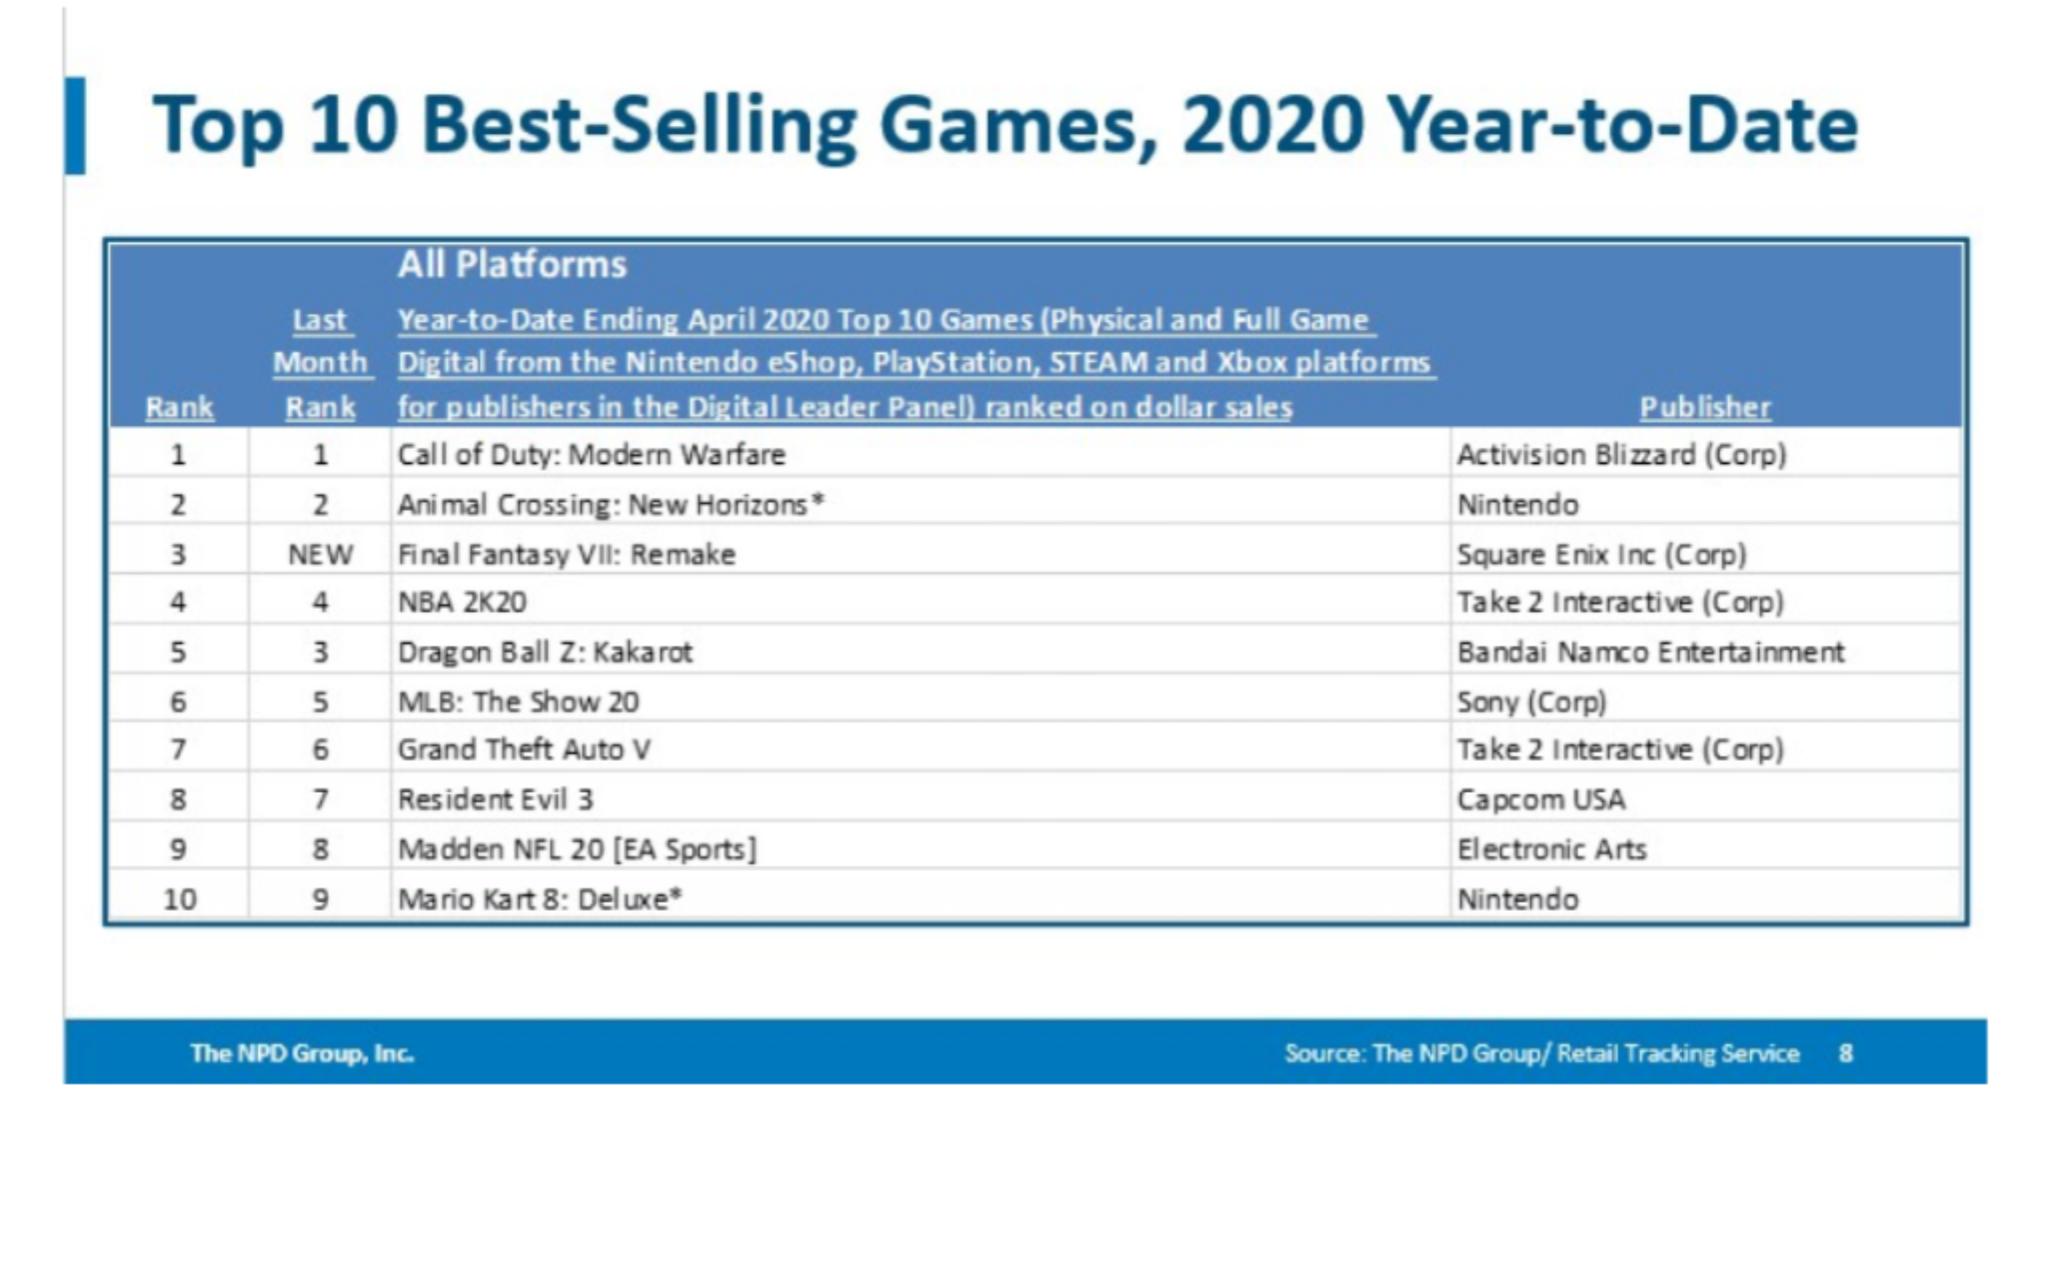 【画像】アメリカの今年度ゲーム売上ランキングがヤバイwmxwmxwmxwmxwmx